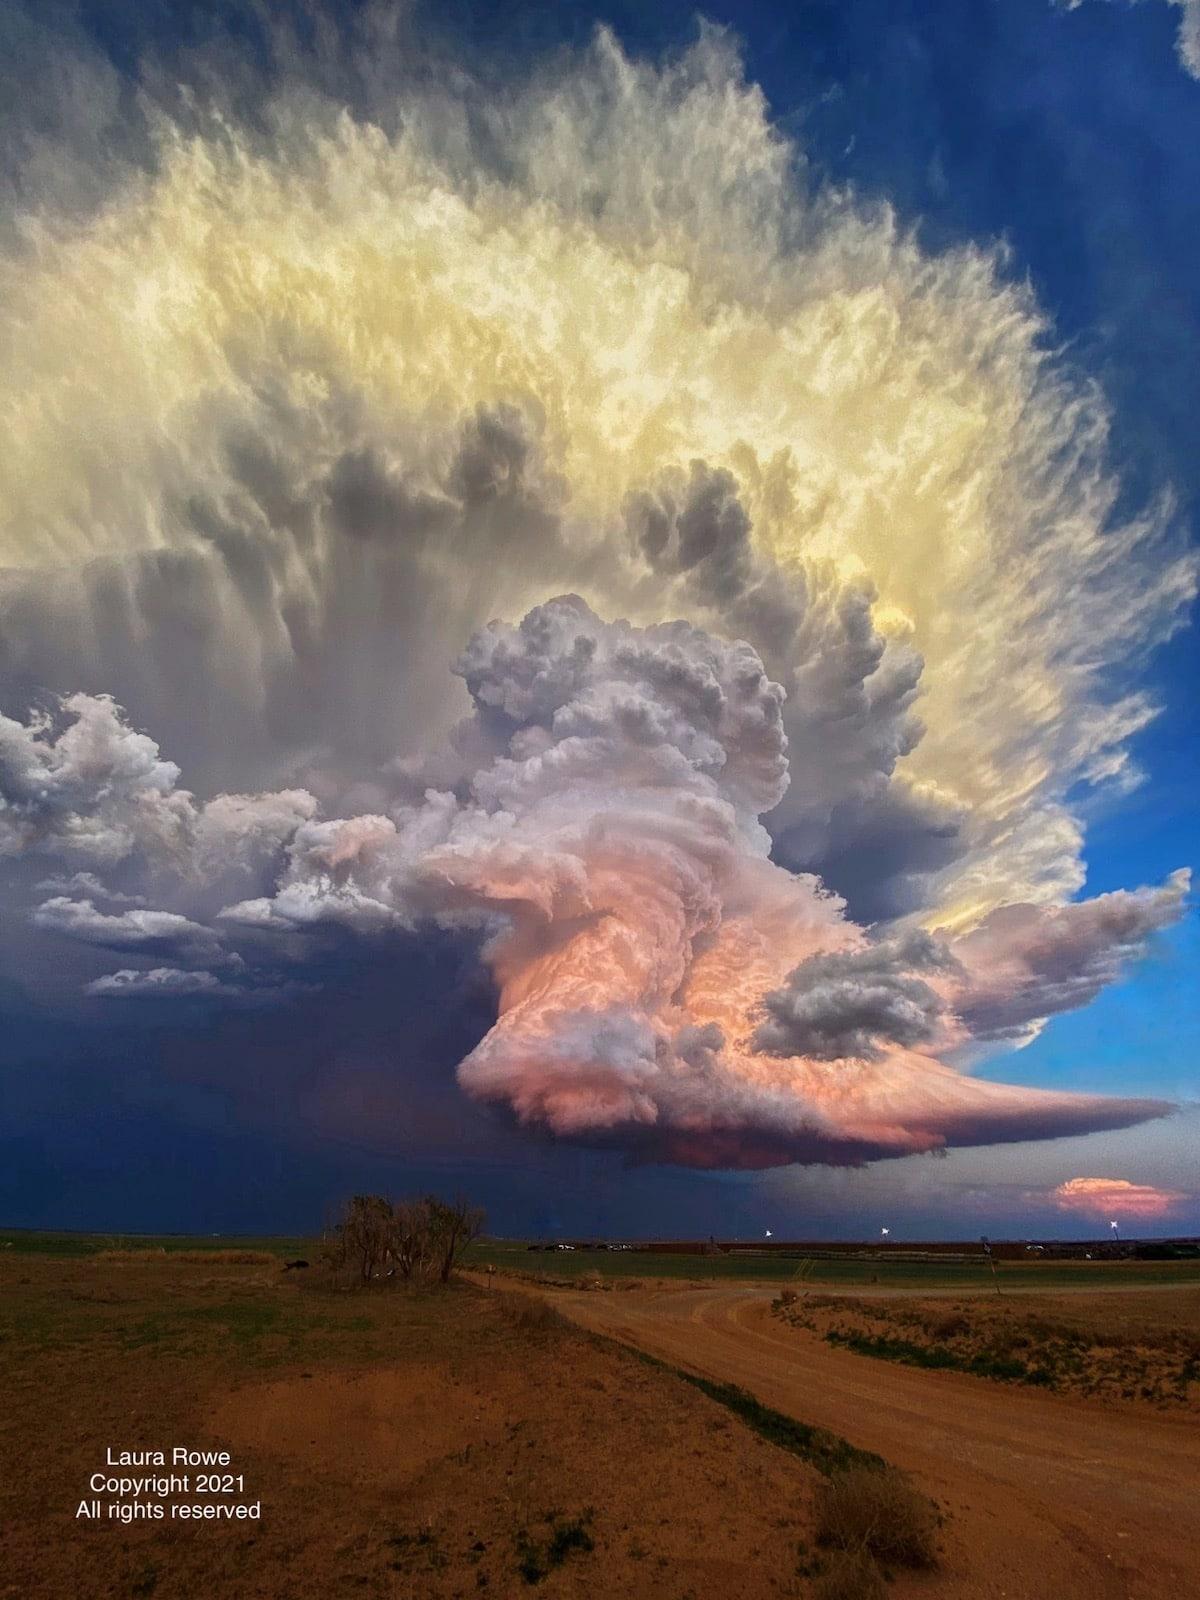 foto viral de nube de tormenta por Laura Rowe